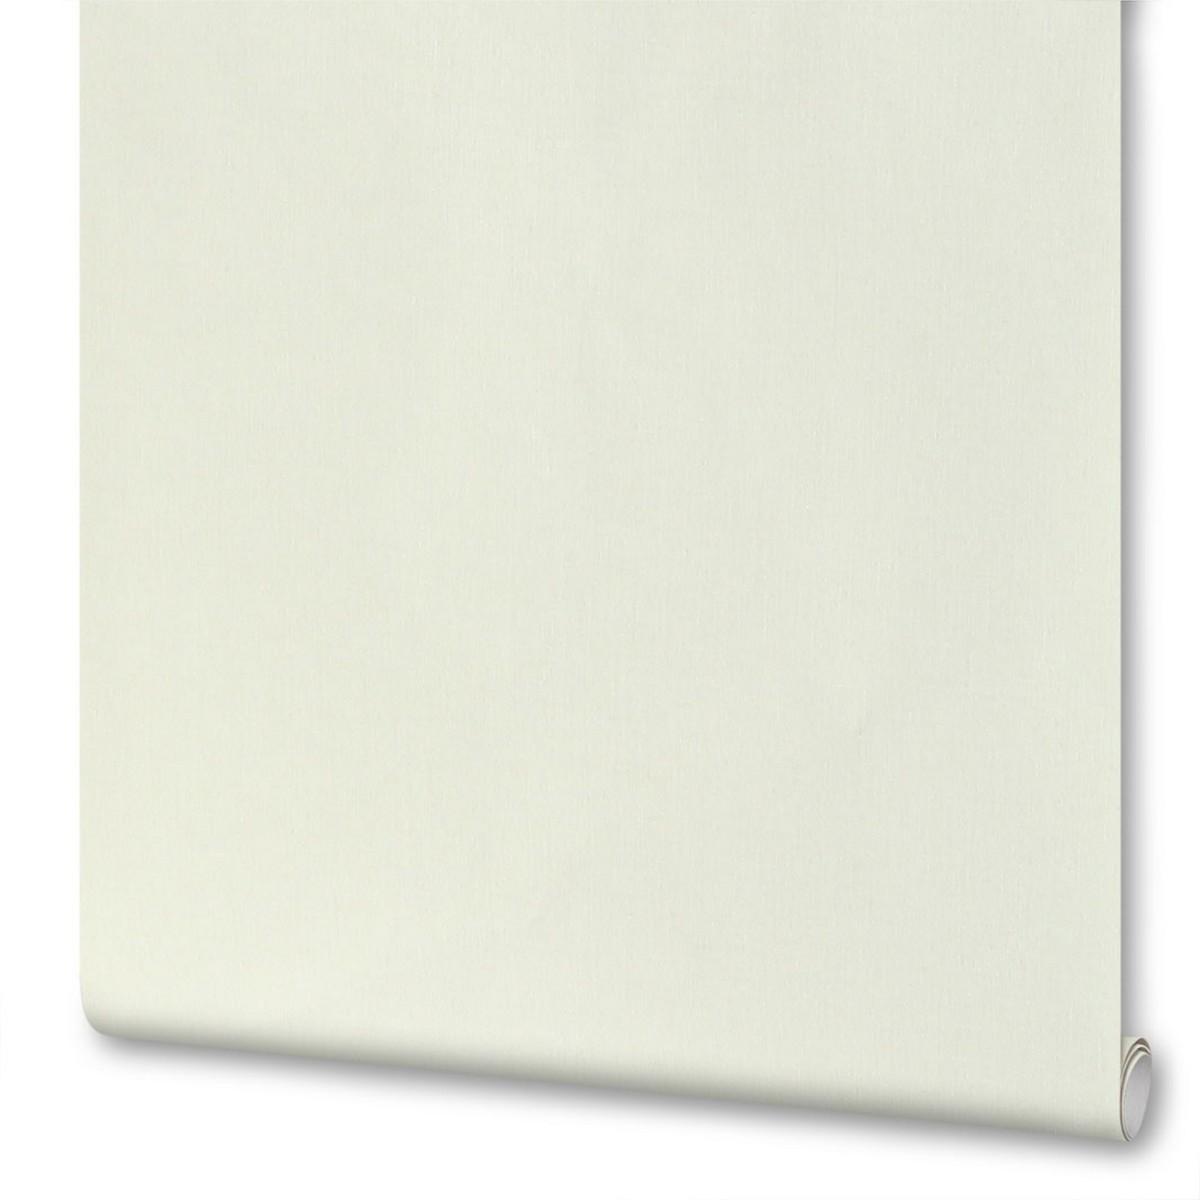 Обои флизелиновые Vagnerplast Unplugged белые UN1001 0.53 м